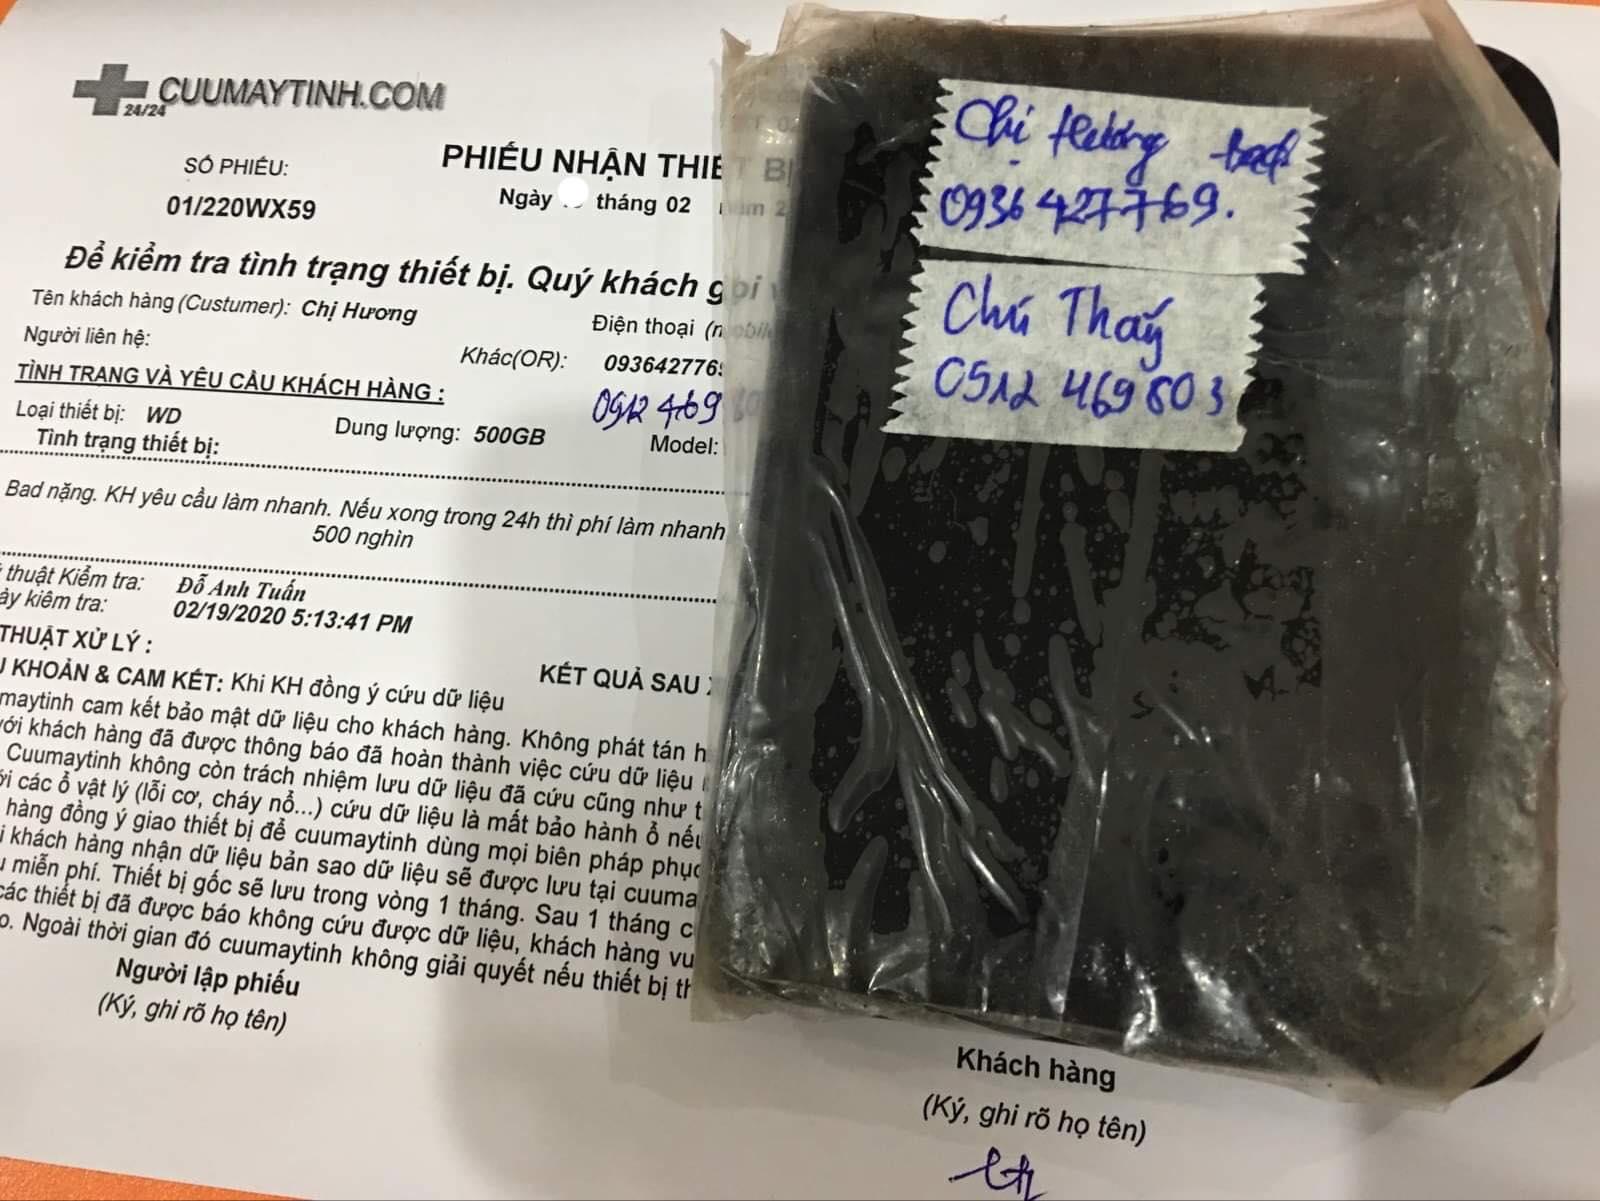 Cứu dữ liệu ổ cứng Western 500GB bad 21/02/2020 - cuumaytinh